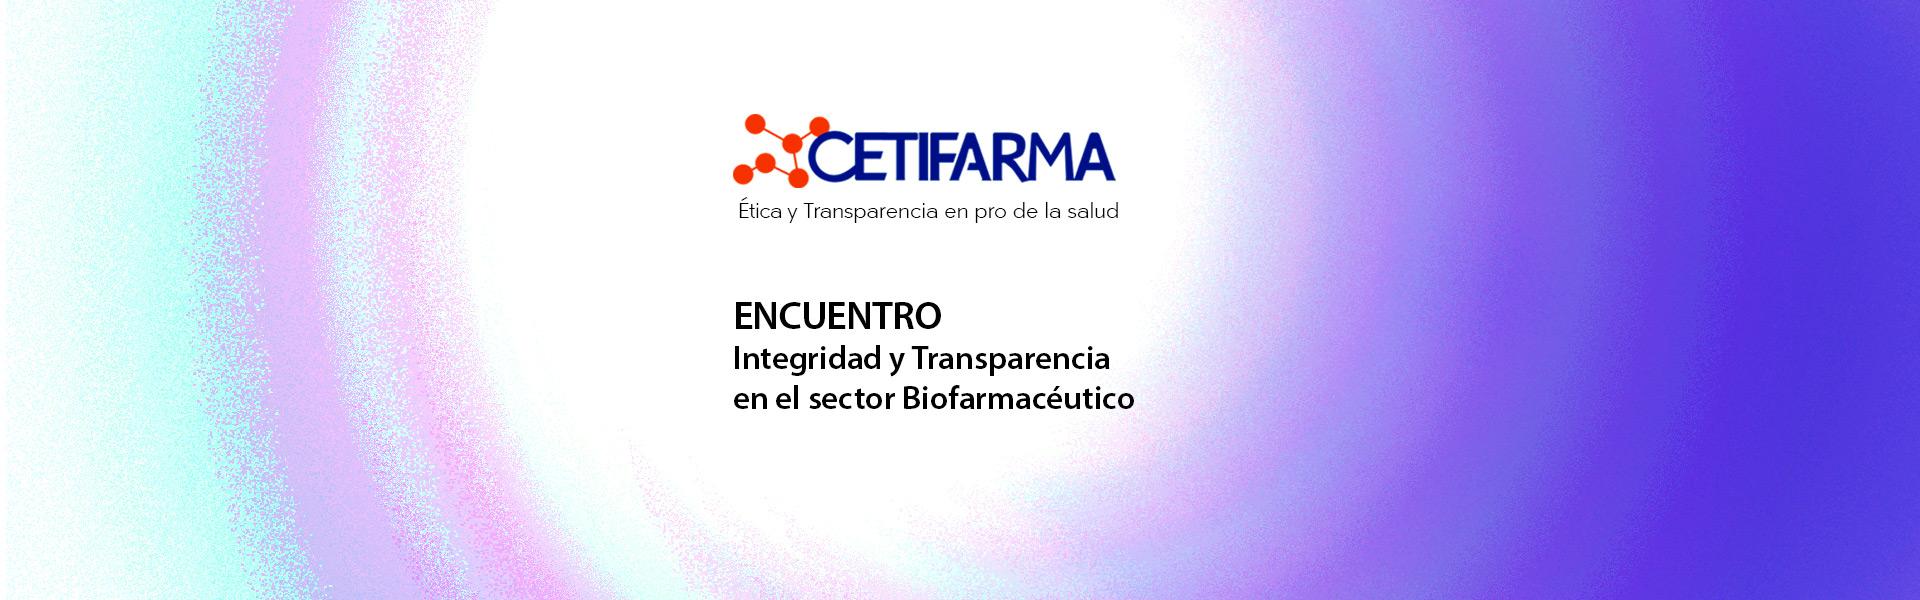 Encuentro Integridad y Transparencia en el sector biofarmacéutico CETIFARMA 2019